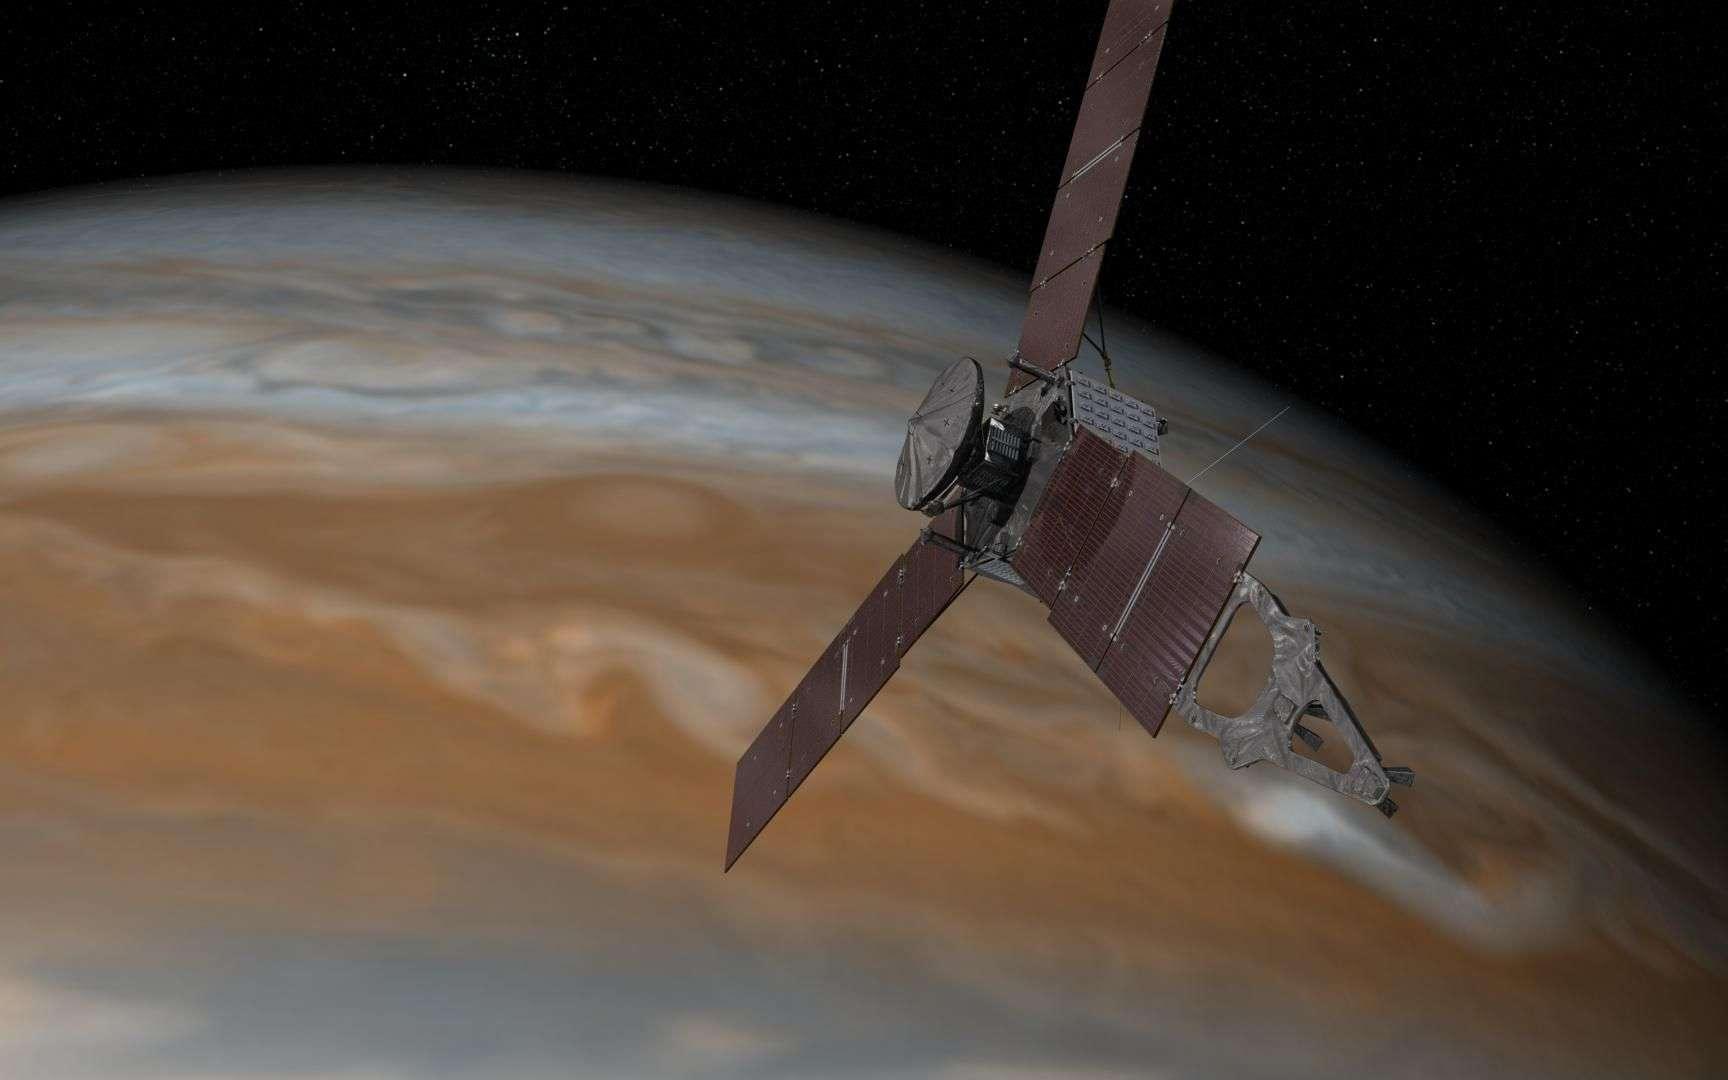 Lancée en août 2011, la sonde Juno est arrivée le 4 juillet en orbite autour de Jupiter pour une mission de 12 à 18 mois. Elle ouvre la voie à ses deux futurs successeurs, Europa Clipper et Juice. À elles trois, elles relancent l'exploration du système jovien, quinze ans après la fin de la mission Galileo. © Nasa